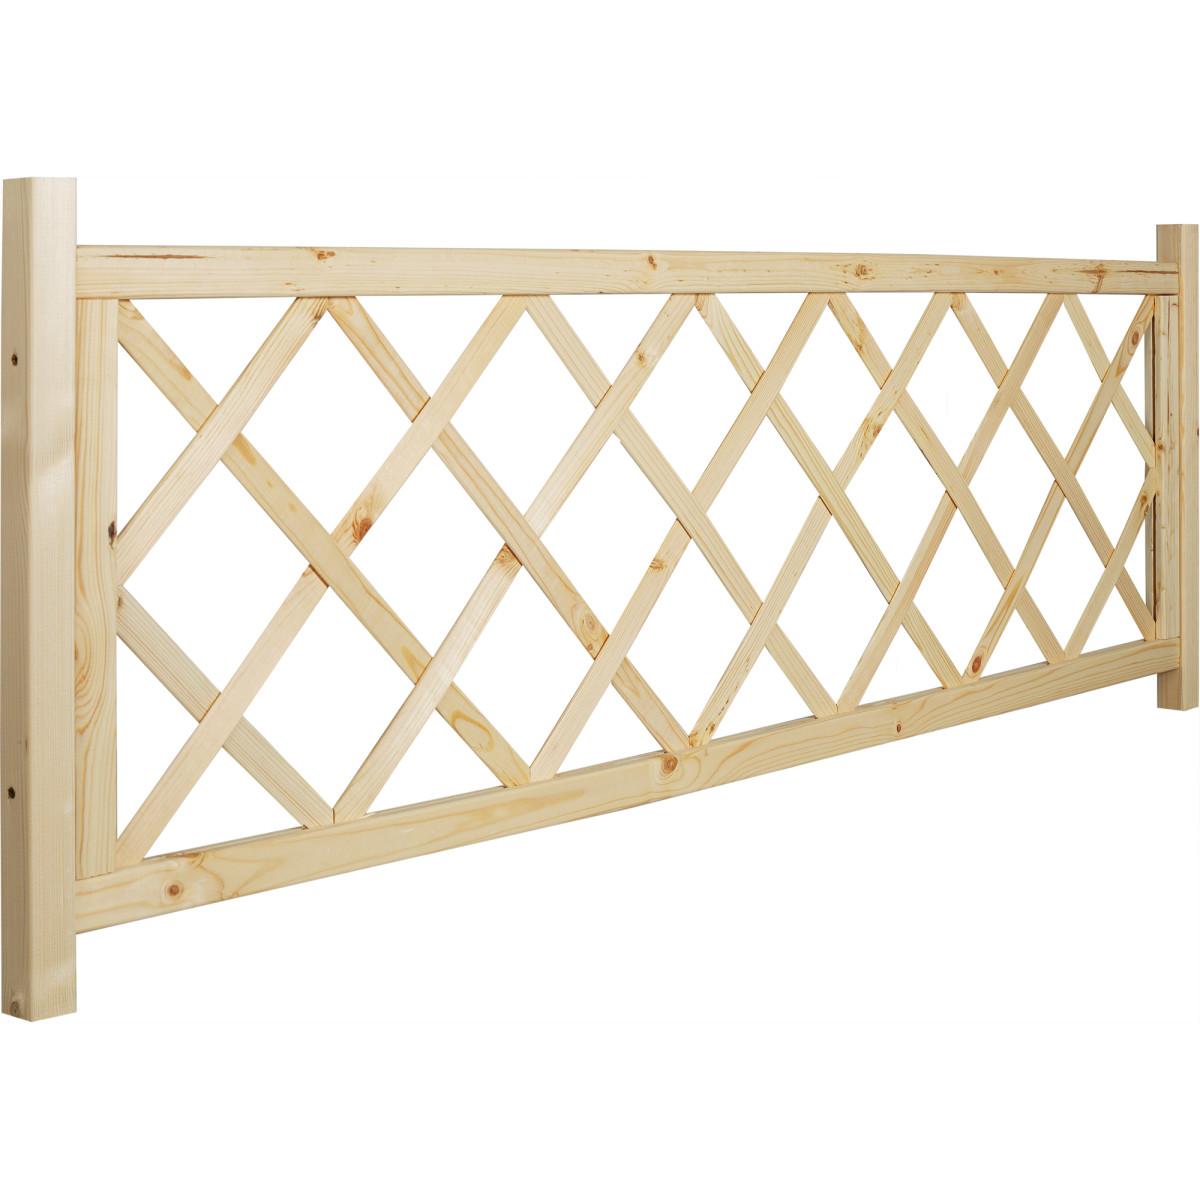 Забор декоративный 0.6х1.68 м